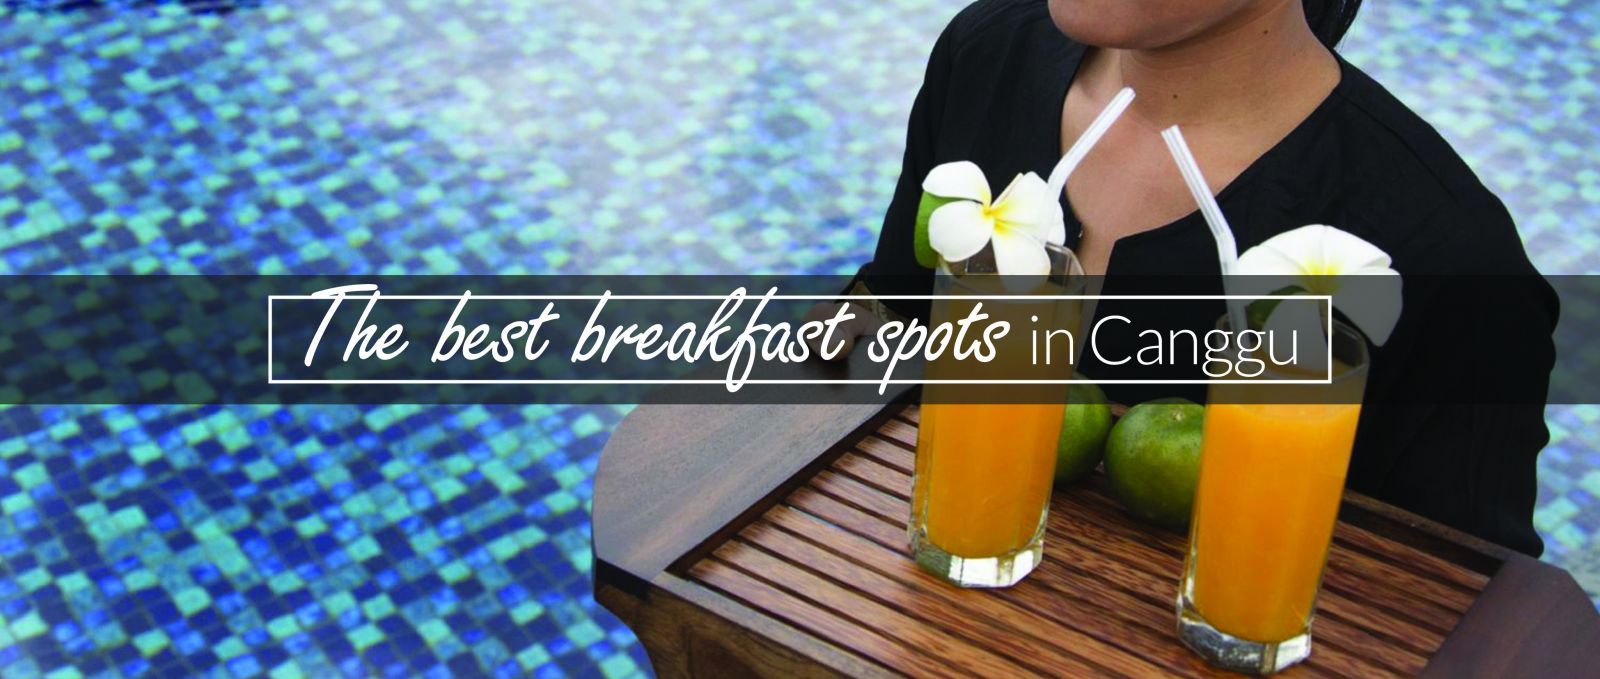 best breakfast spots in canggu